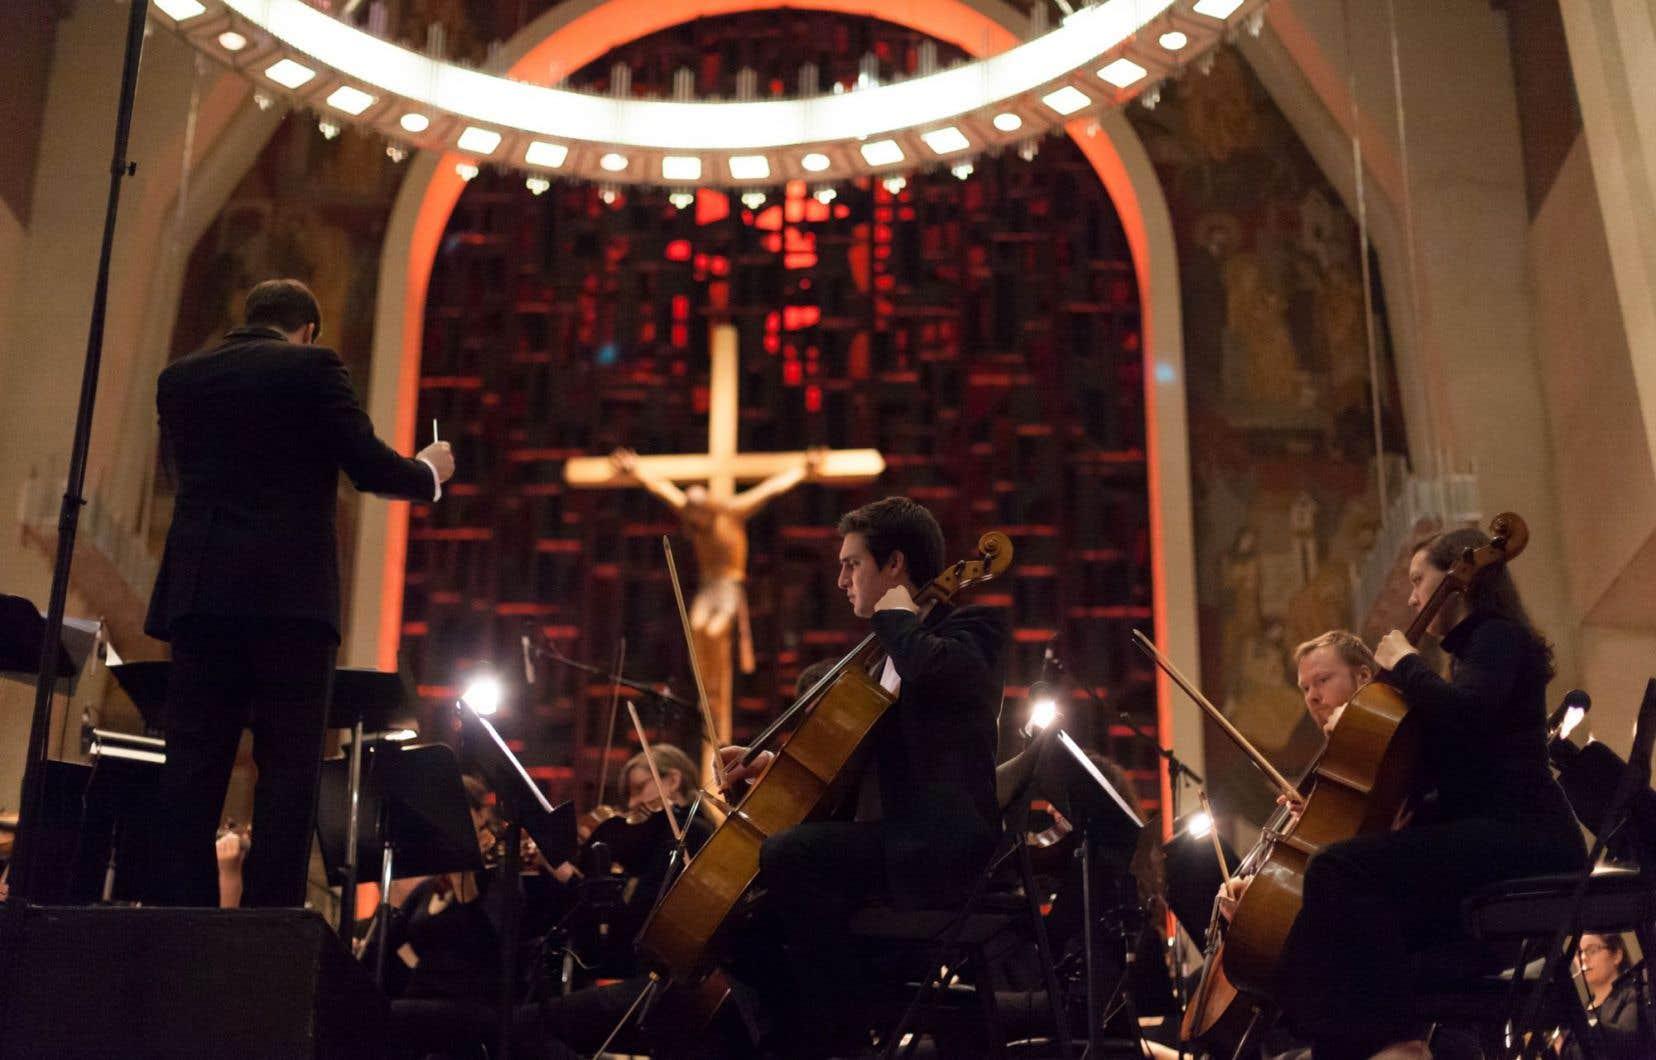 La «Symphonie du millénaire» est articulée en sept sections : Appel, Enfer, Purgatoire, Contemplations/Aurores boréales, Paradis, Ascension et Apothéose/Épilogue.